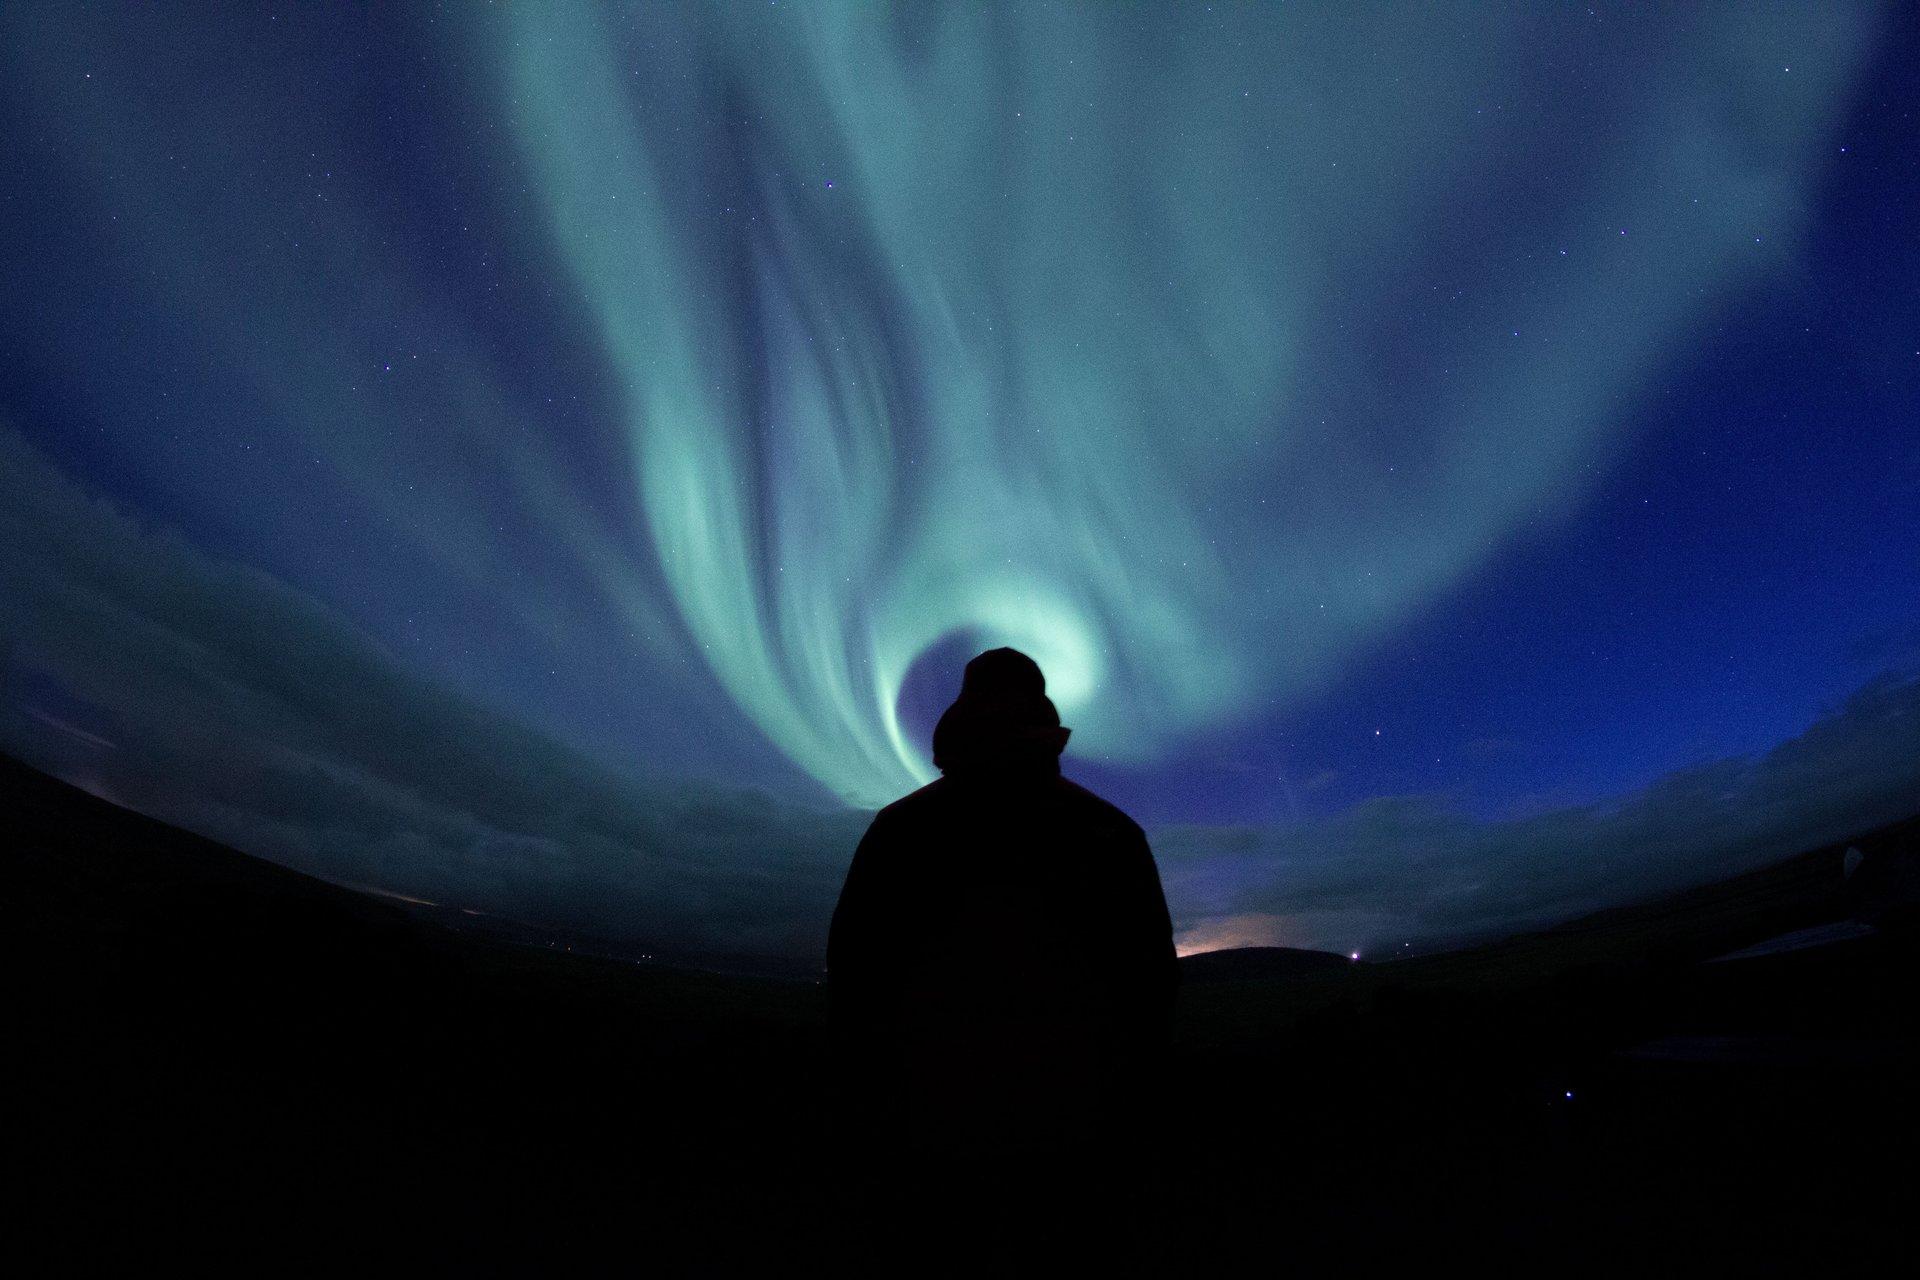 wandering alone at night - HD1920×1280